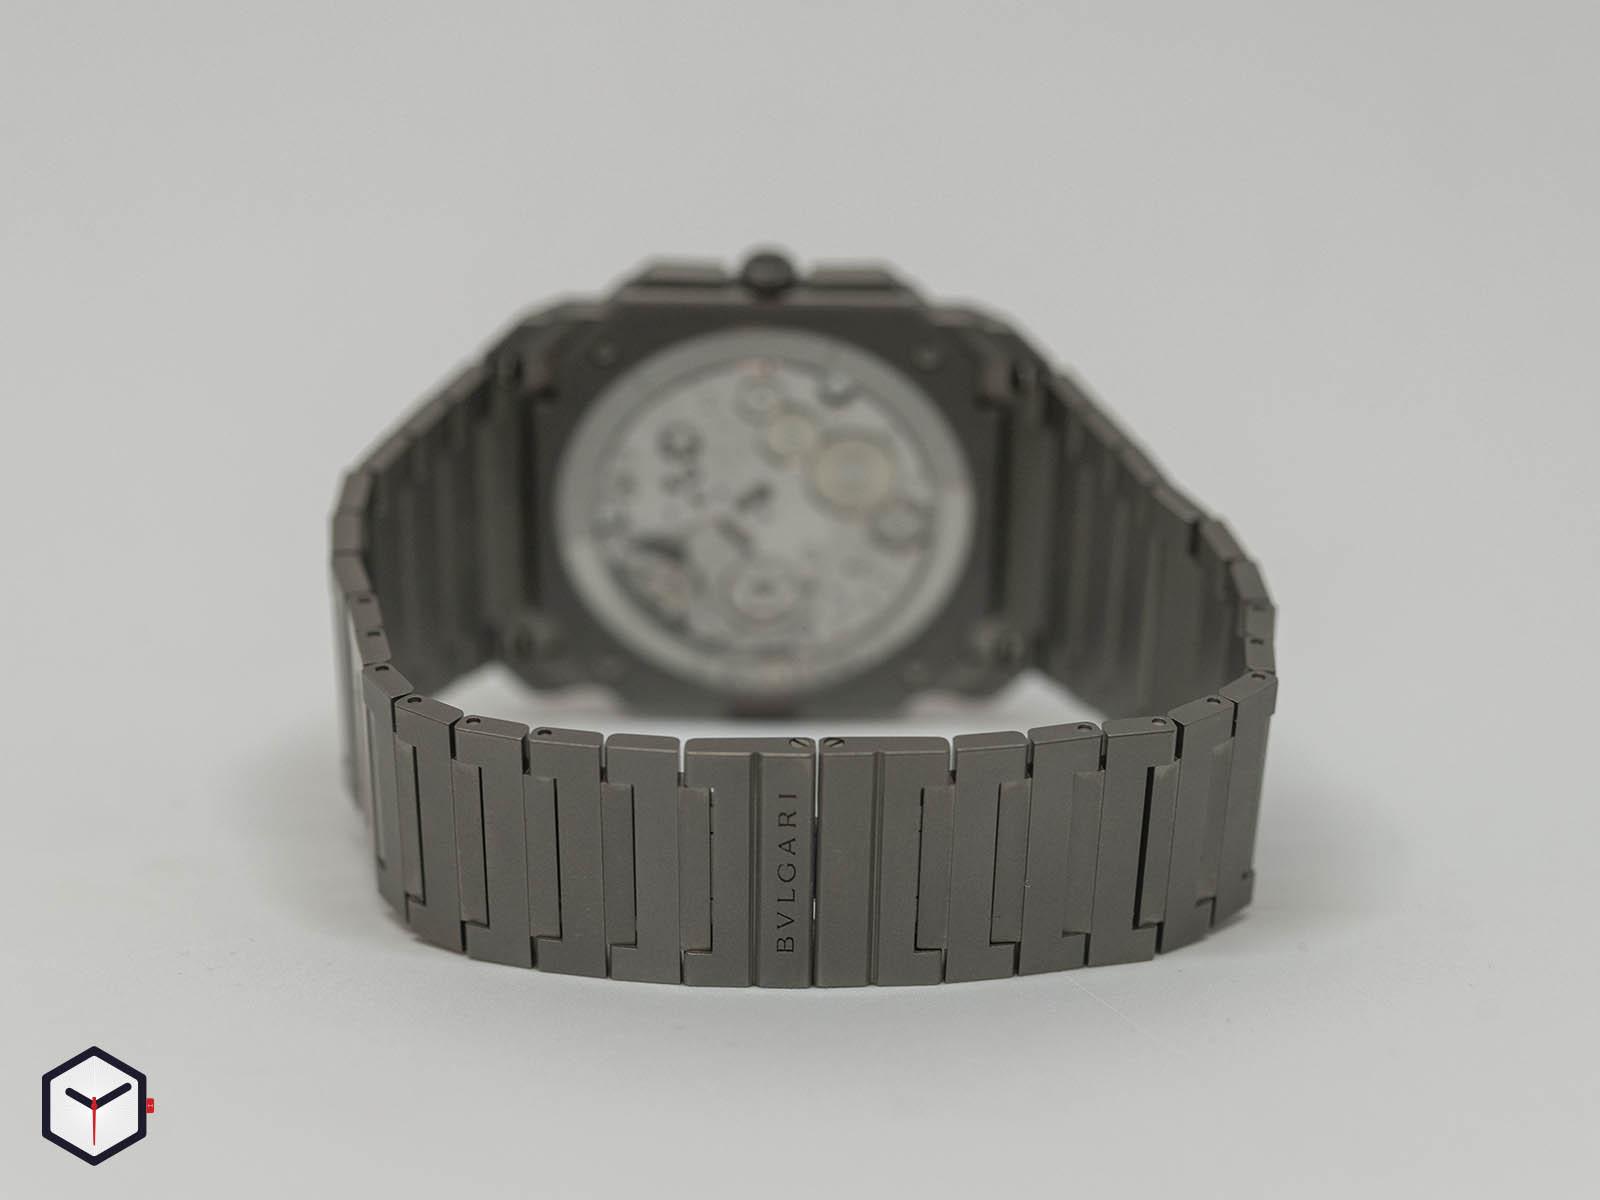 103068-bulgari-octo-finissimo-chronograph-gmt-automatic-baselworld-2019-6.jpg